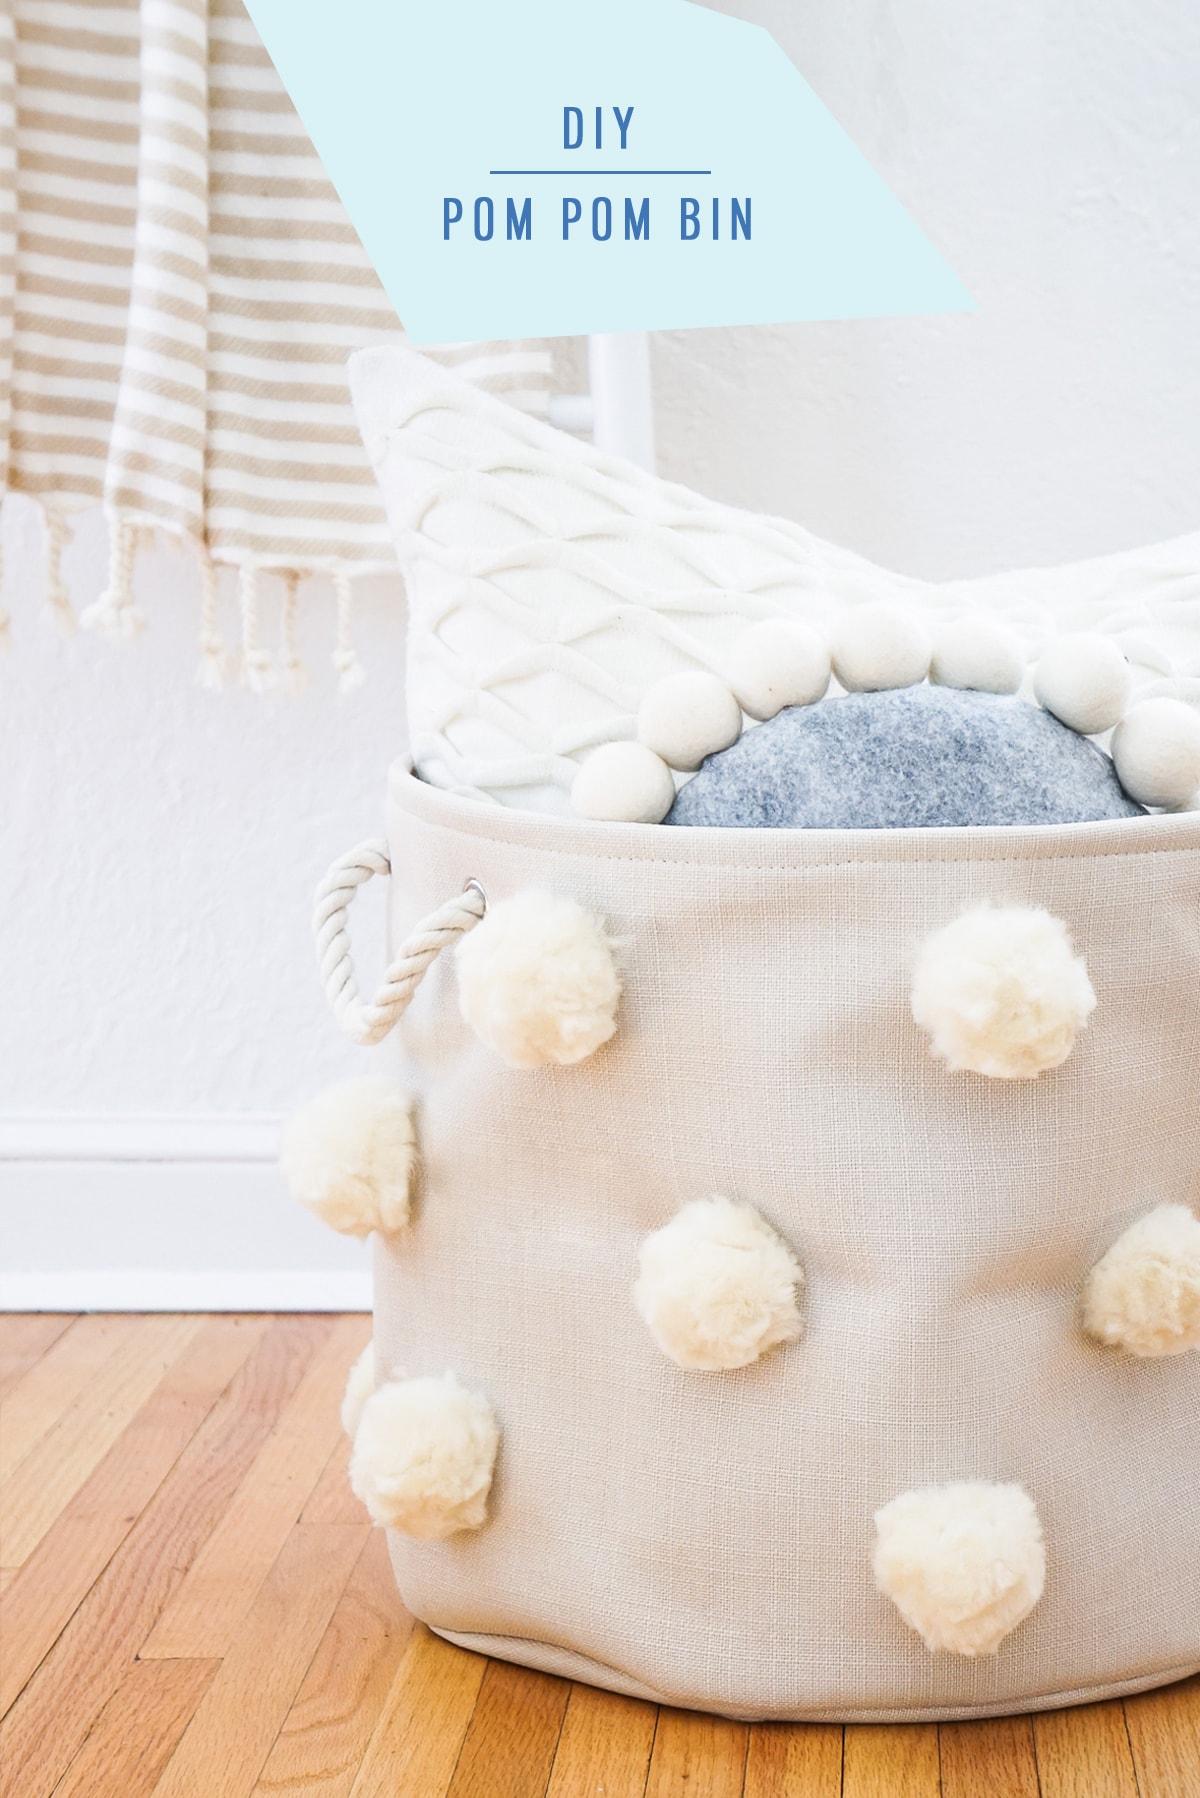 DIY Fluffy Pom Pom Bin by top Houston lifestyle Blogger Ashley Rose of Sugar & Cloth